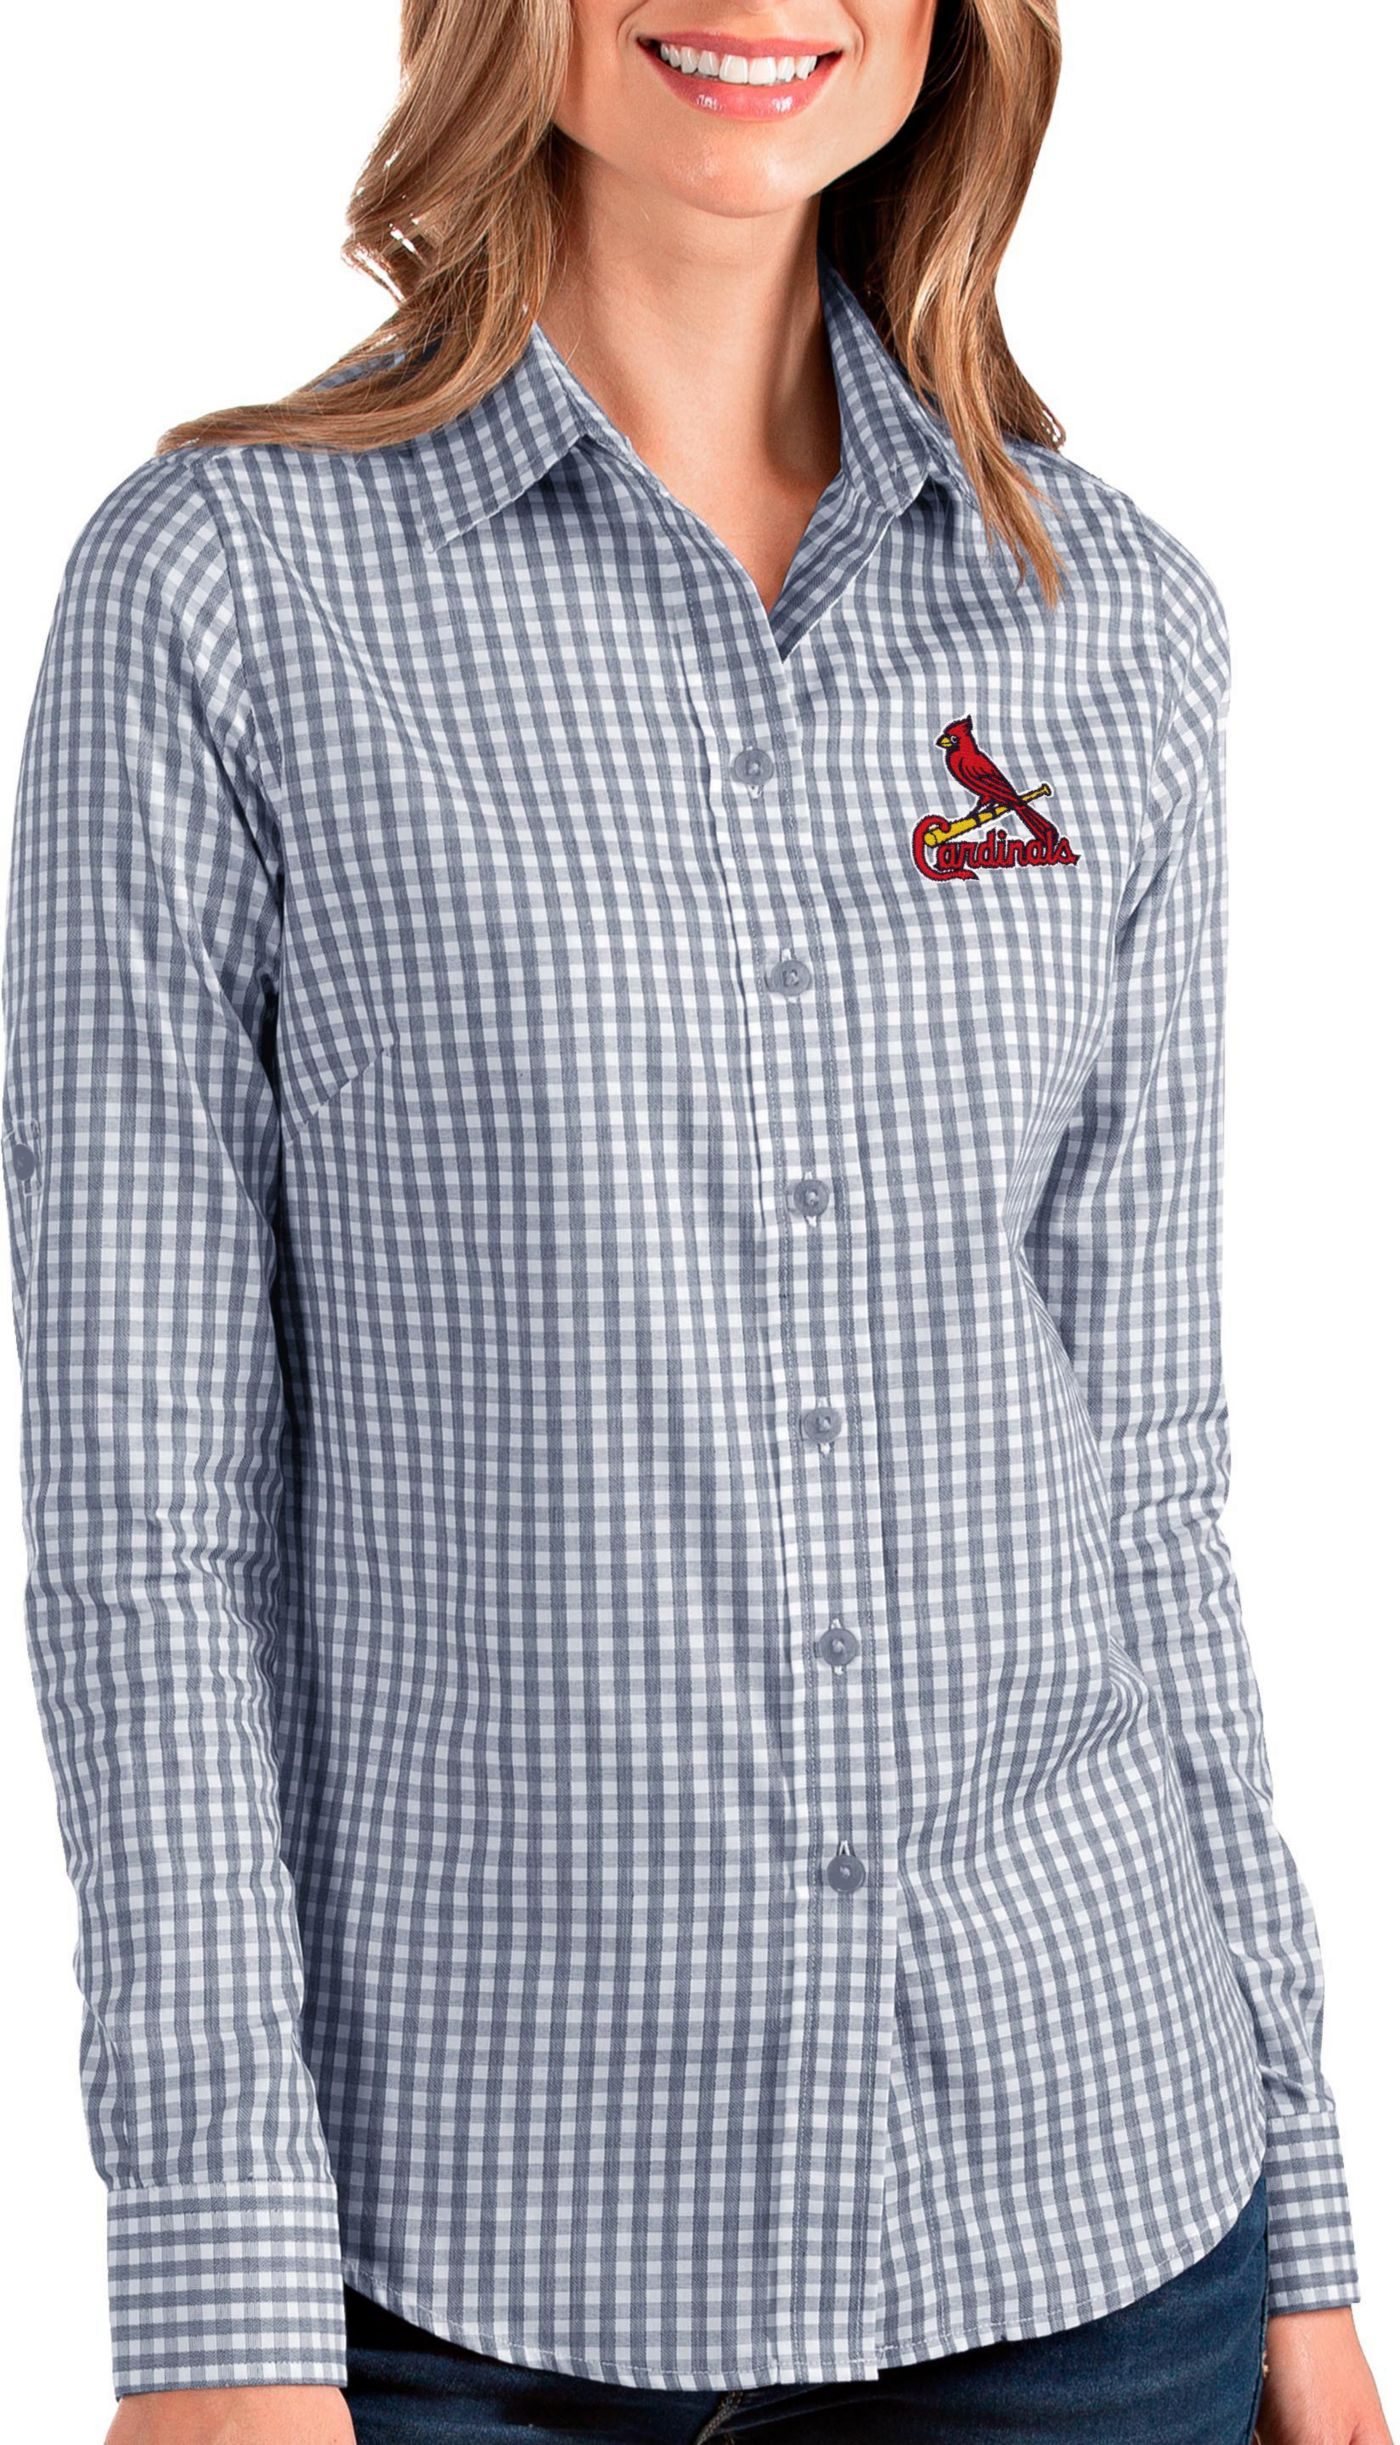 Antigua Women's St Louis Cardinals Structure Button-Up Navy Long Sleeve Shirt